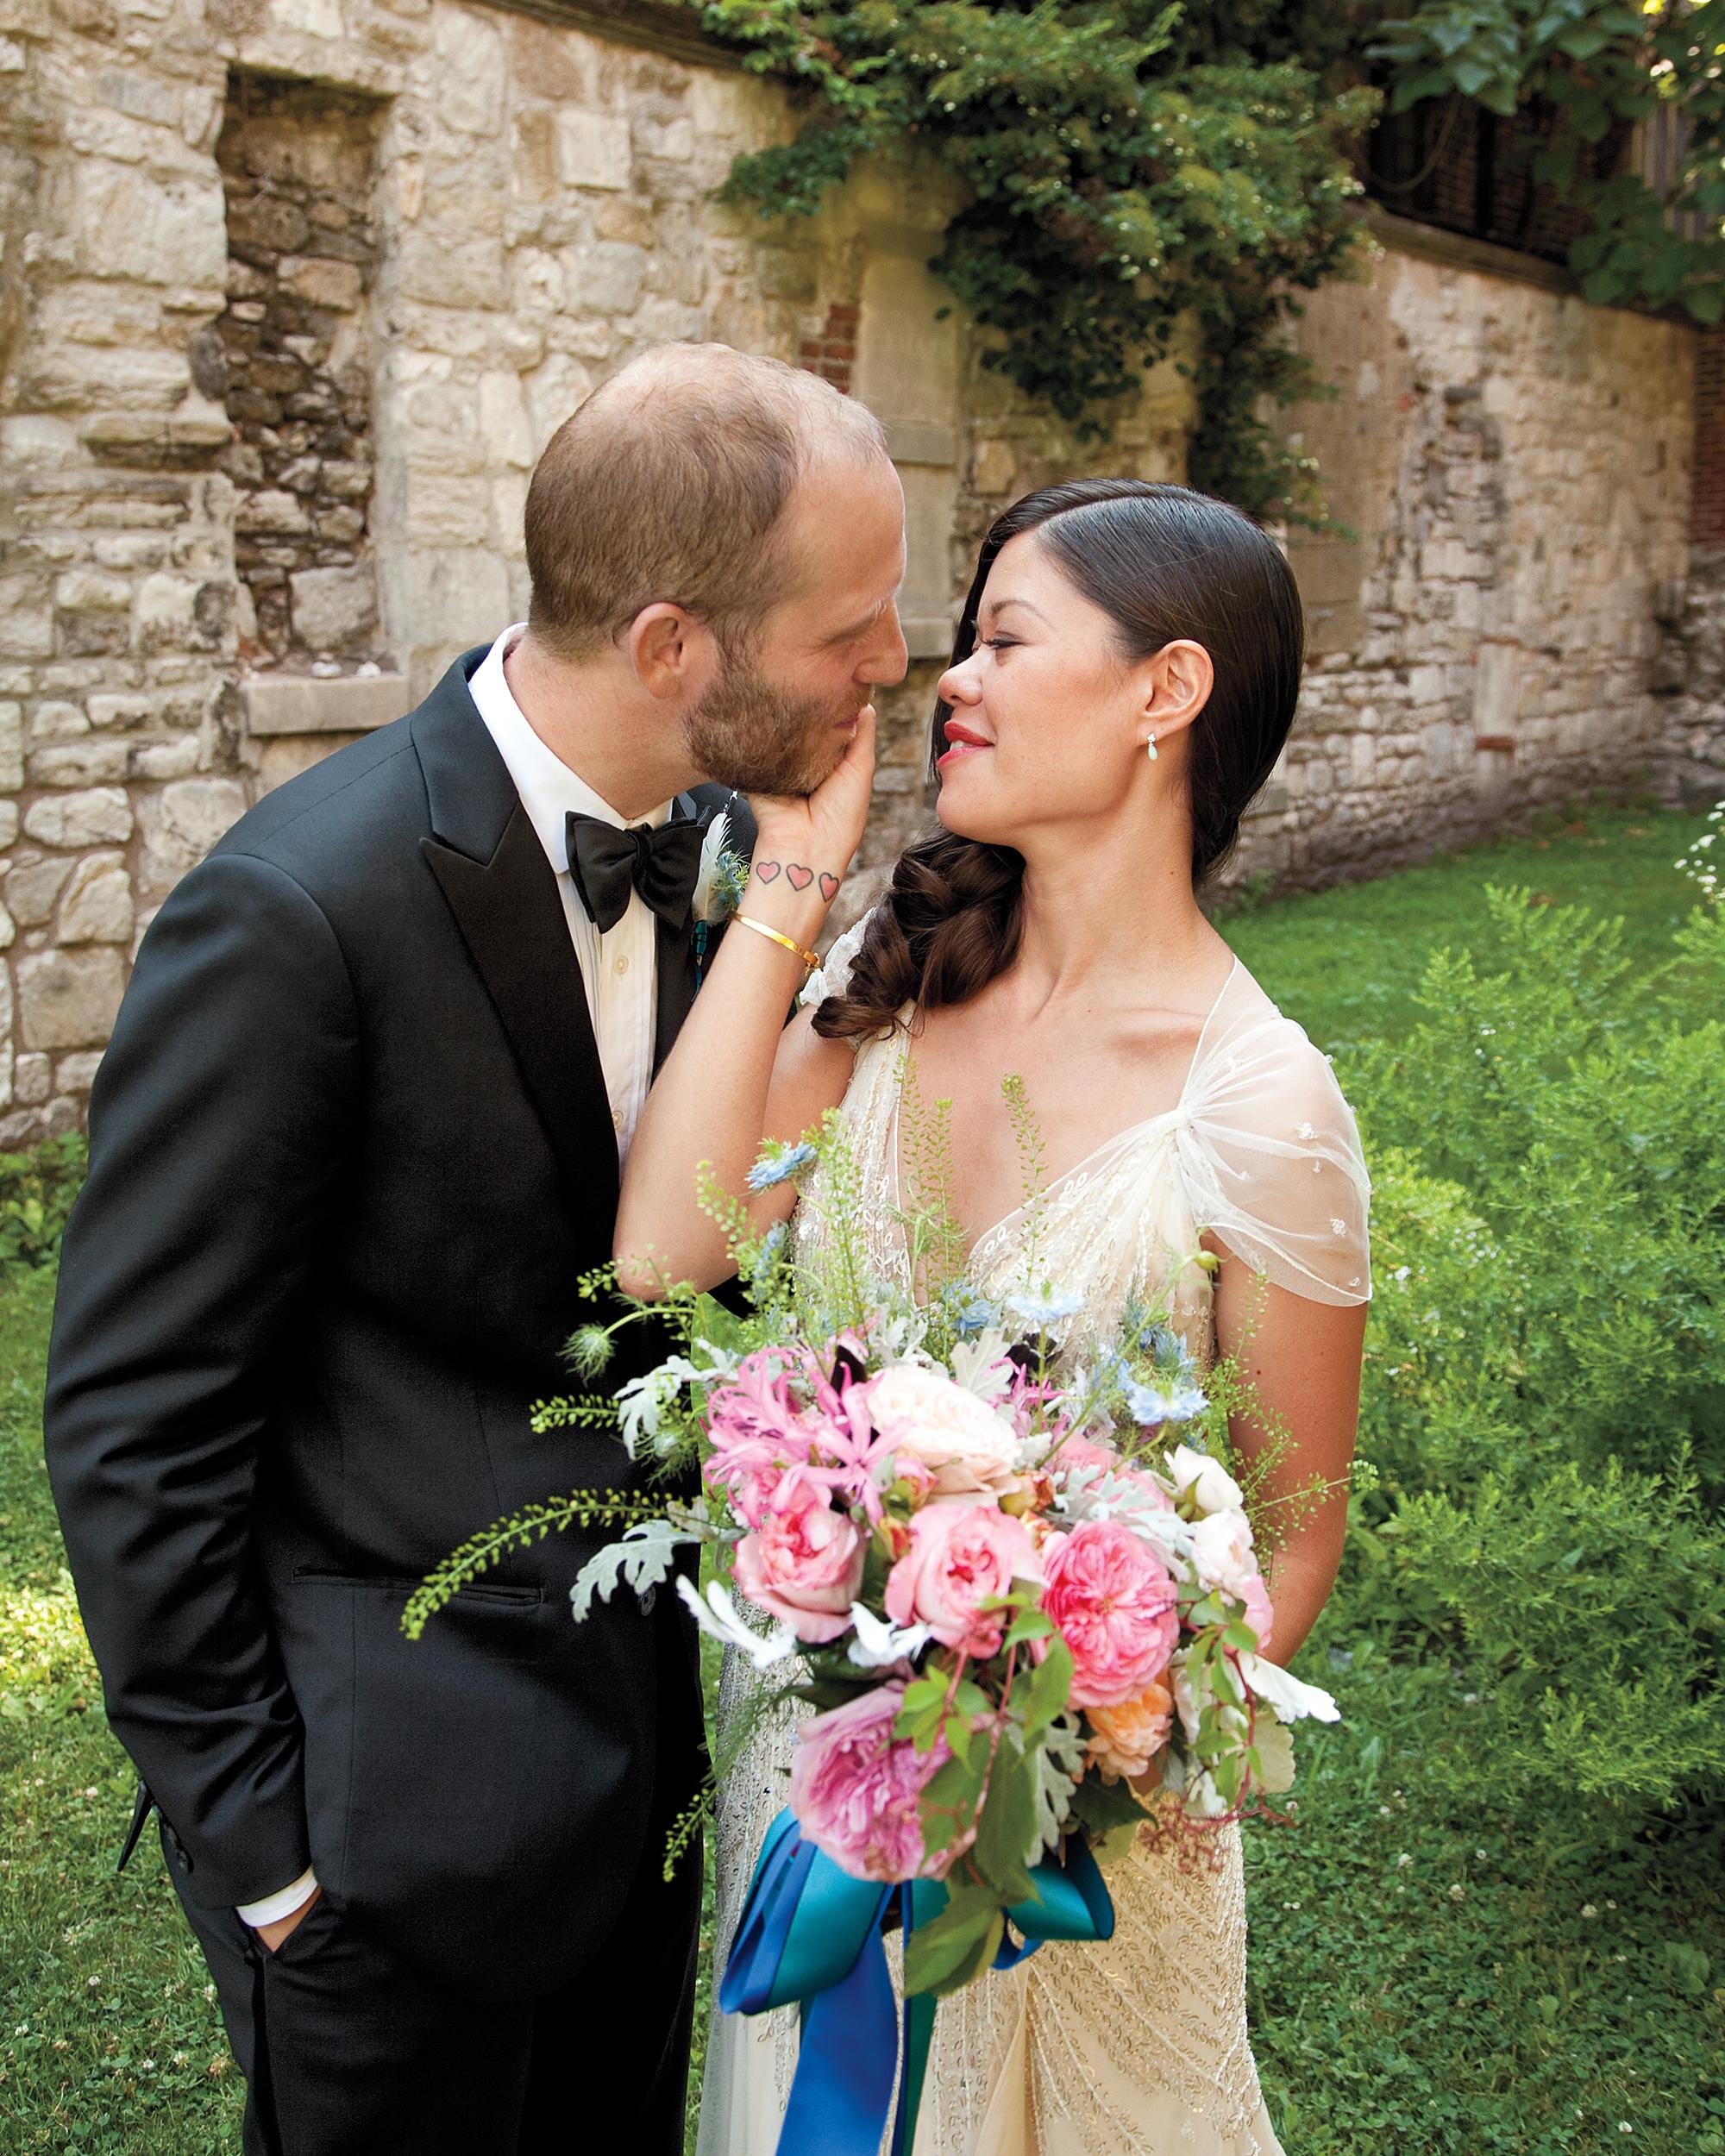 bride-groom-027-mwd10900620.jpg